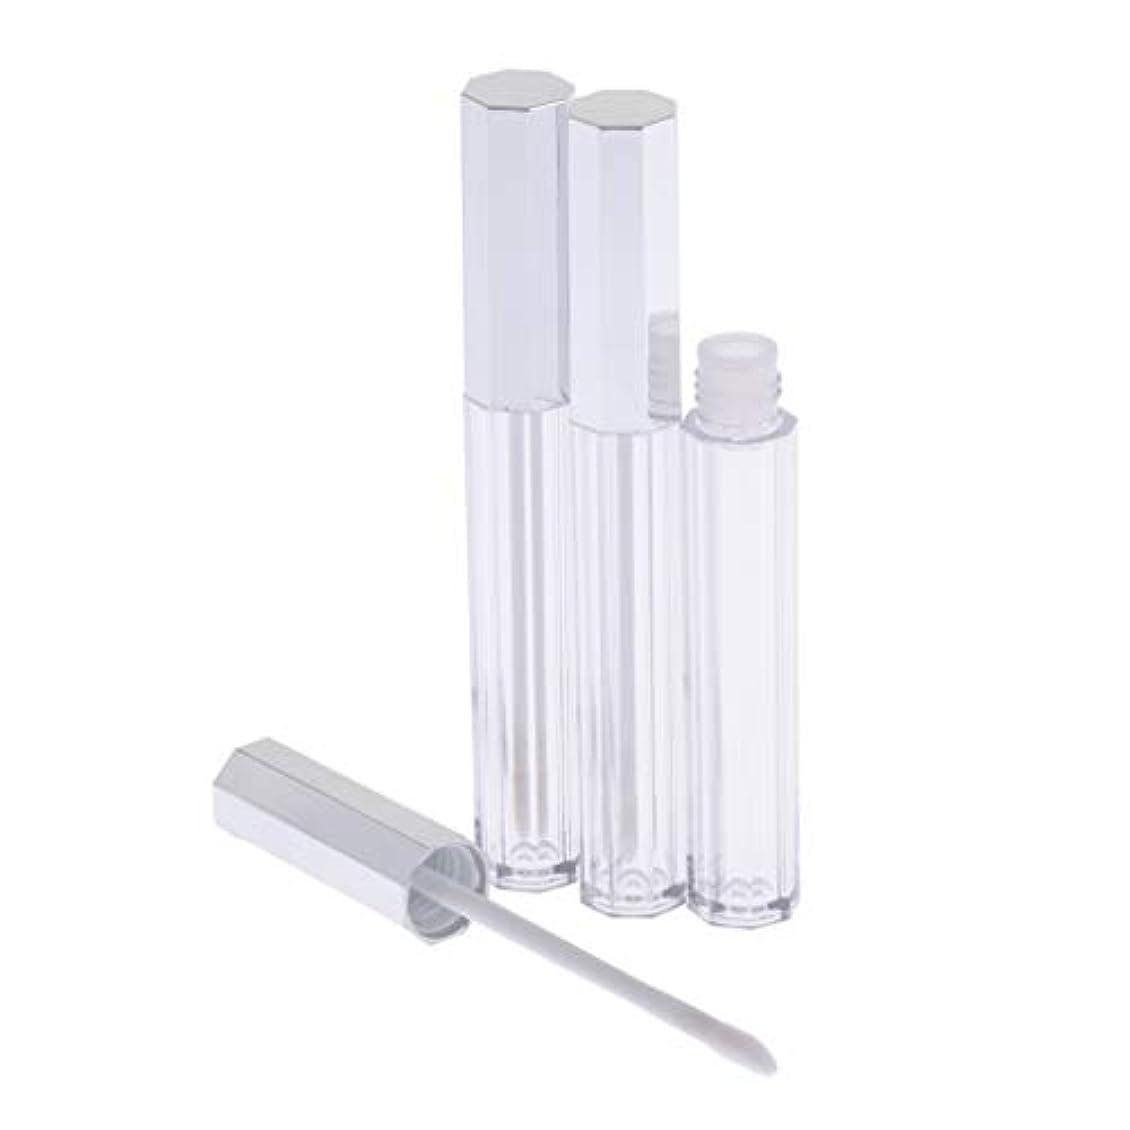 悲劇的な厳しいボールリップグロス 容器 チューブ 口紅 容器 空 プラスチック リップグロスボトル 5ml 3個セット